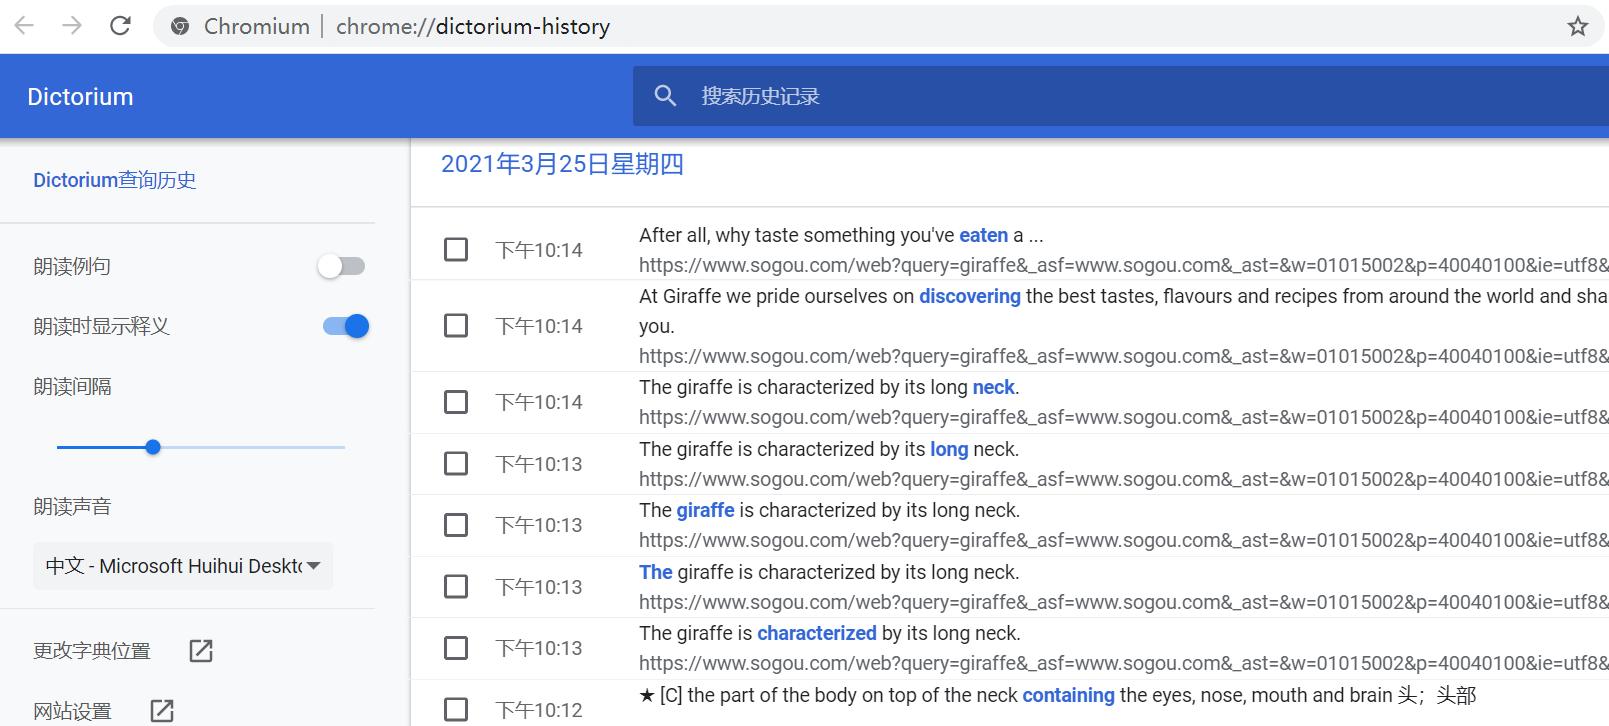 dictorium_history